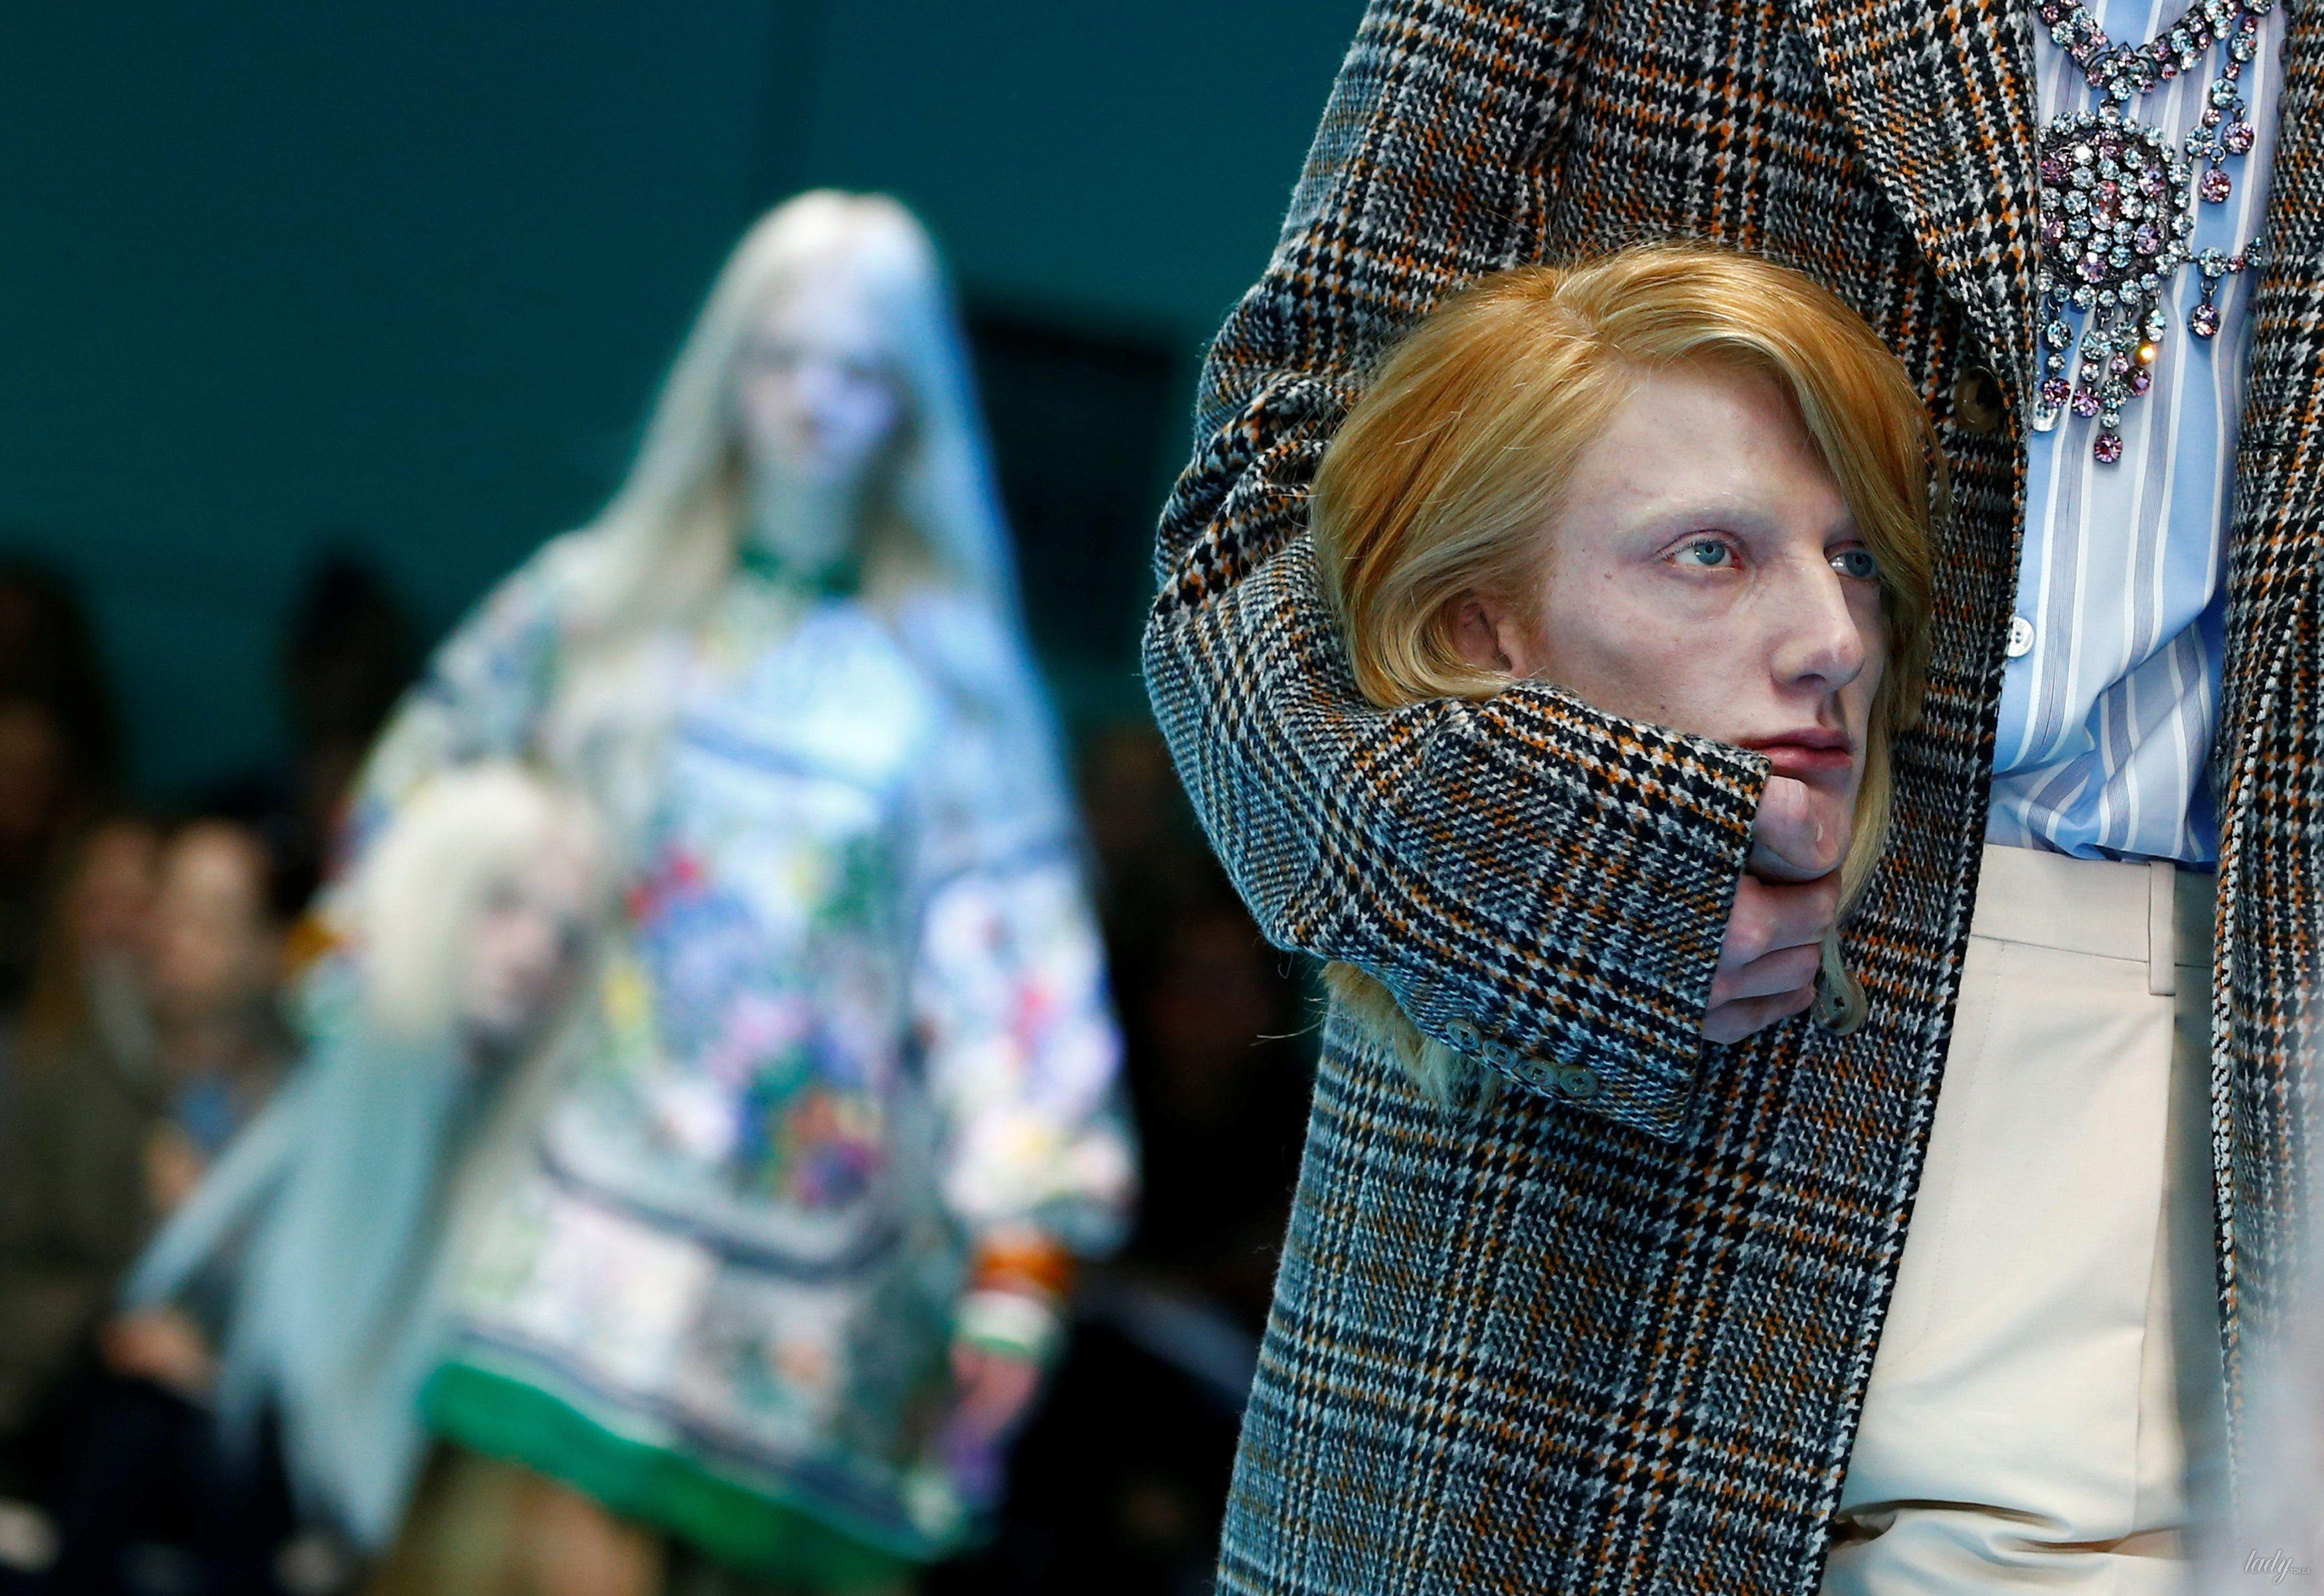 Показ коллекции бренда Gucci в Милане_26